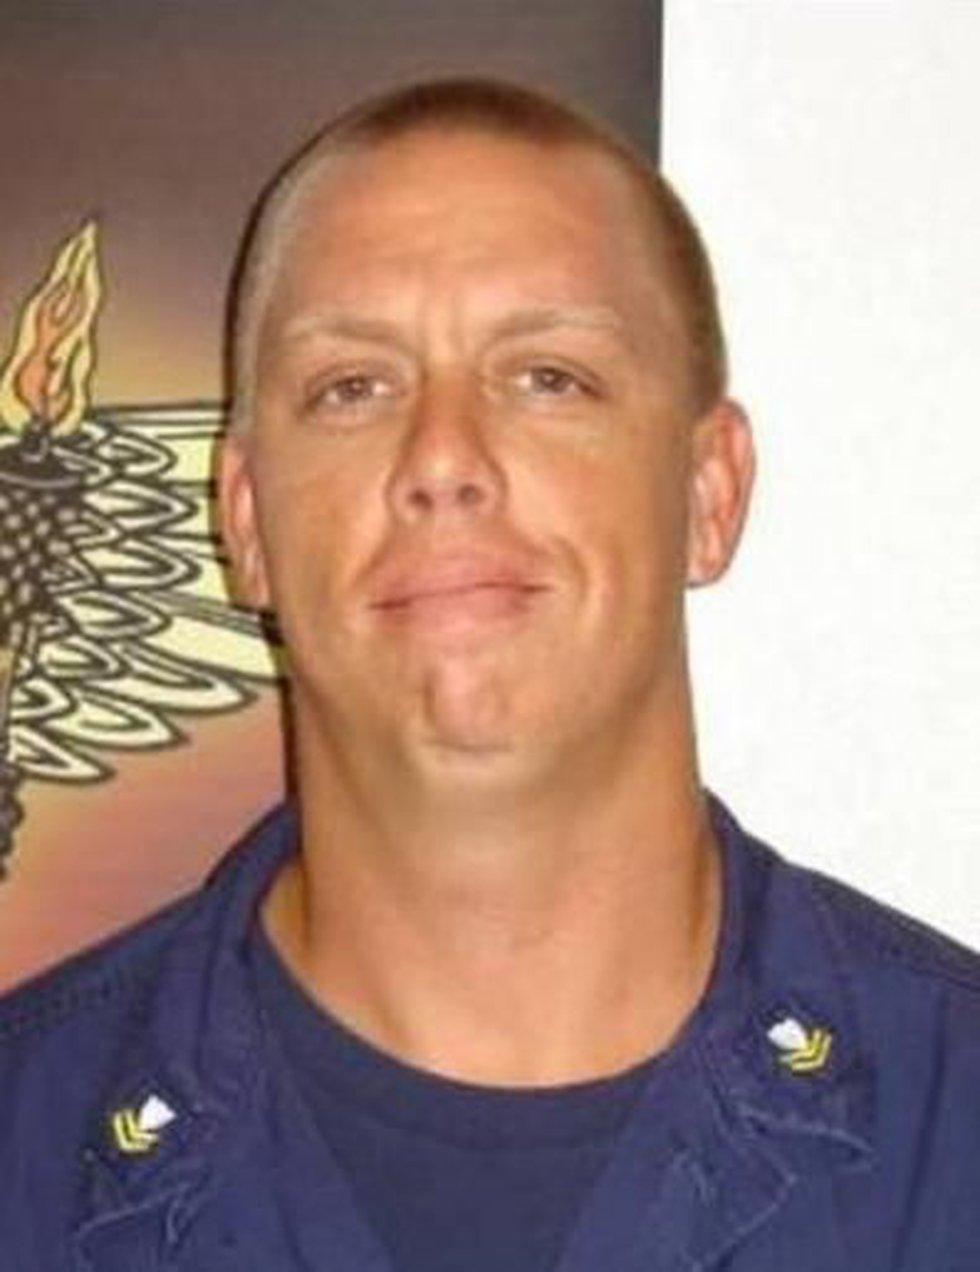 Petty Officer Russell Matthews